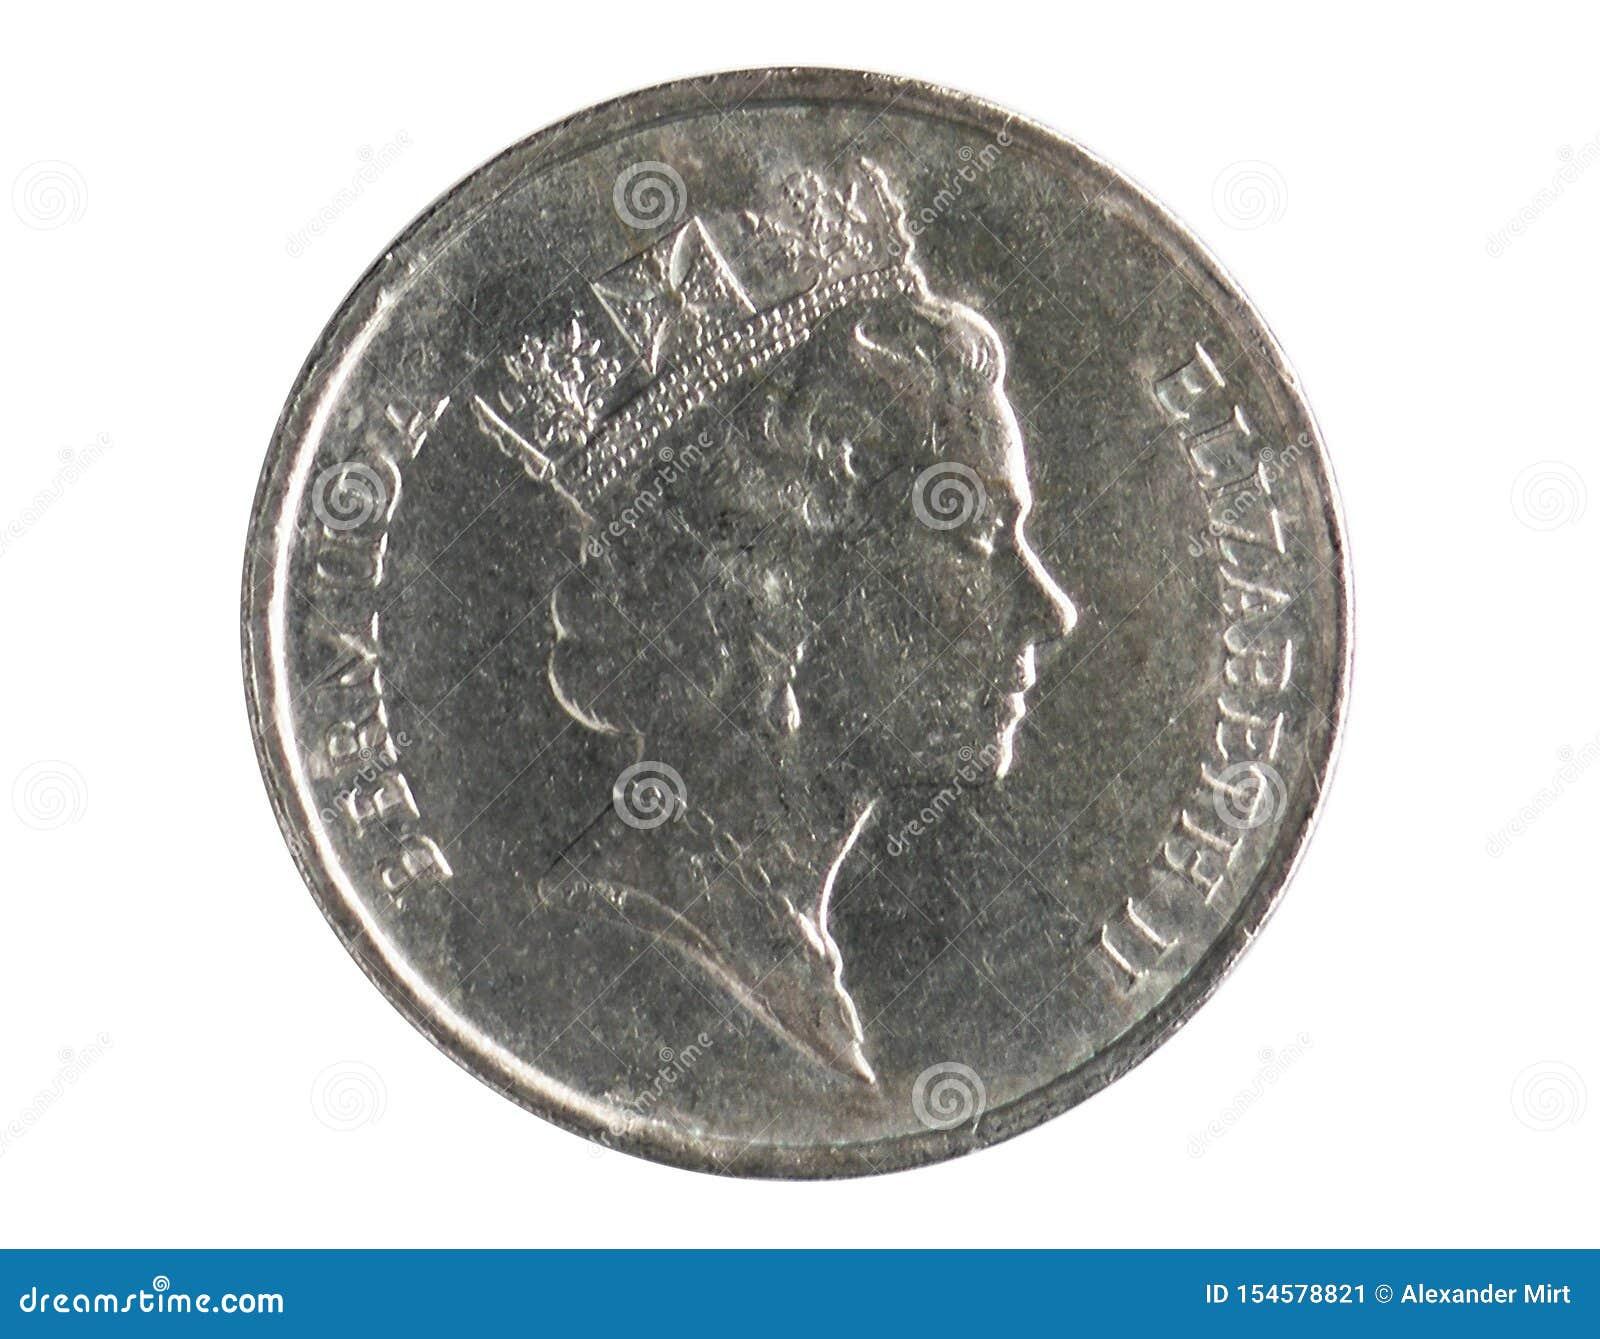 5 Cents prägen, 1970~Today - Zirkulation - Dollar serie, Bank von Bermuda